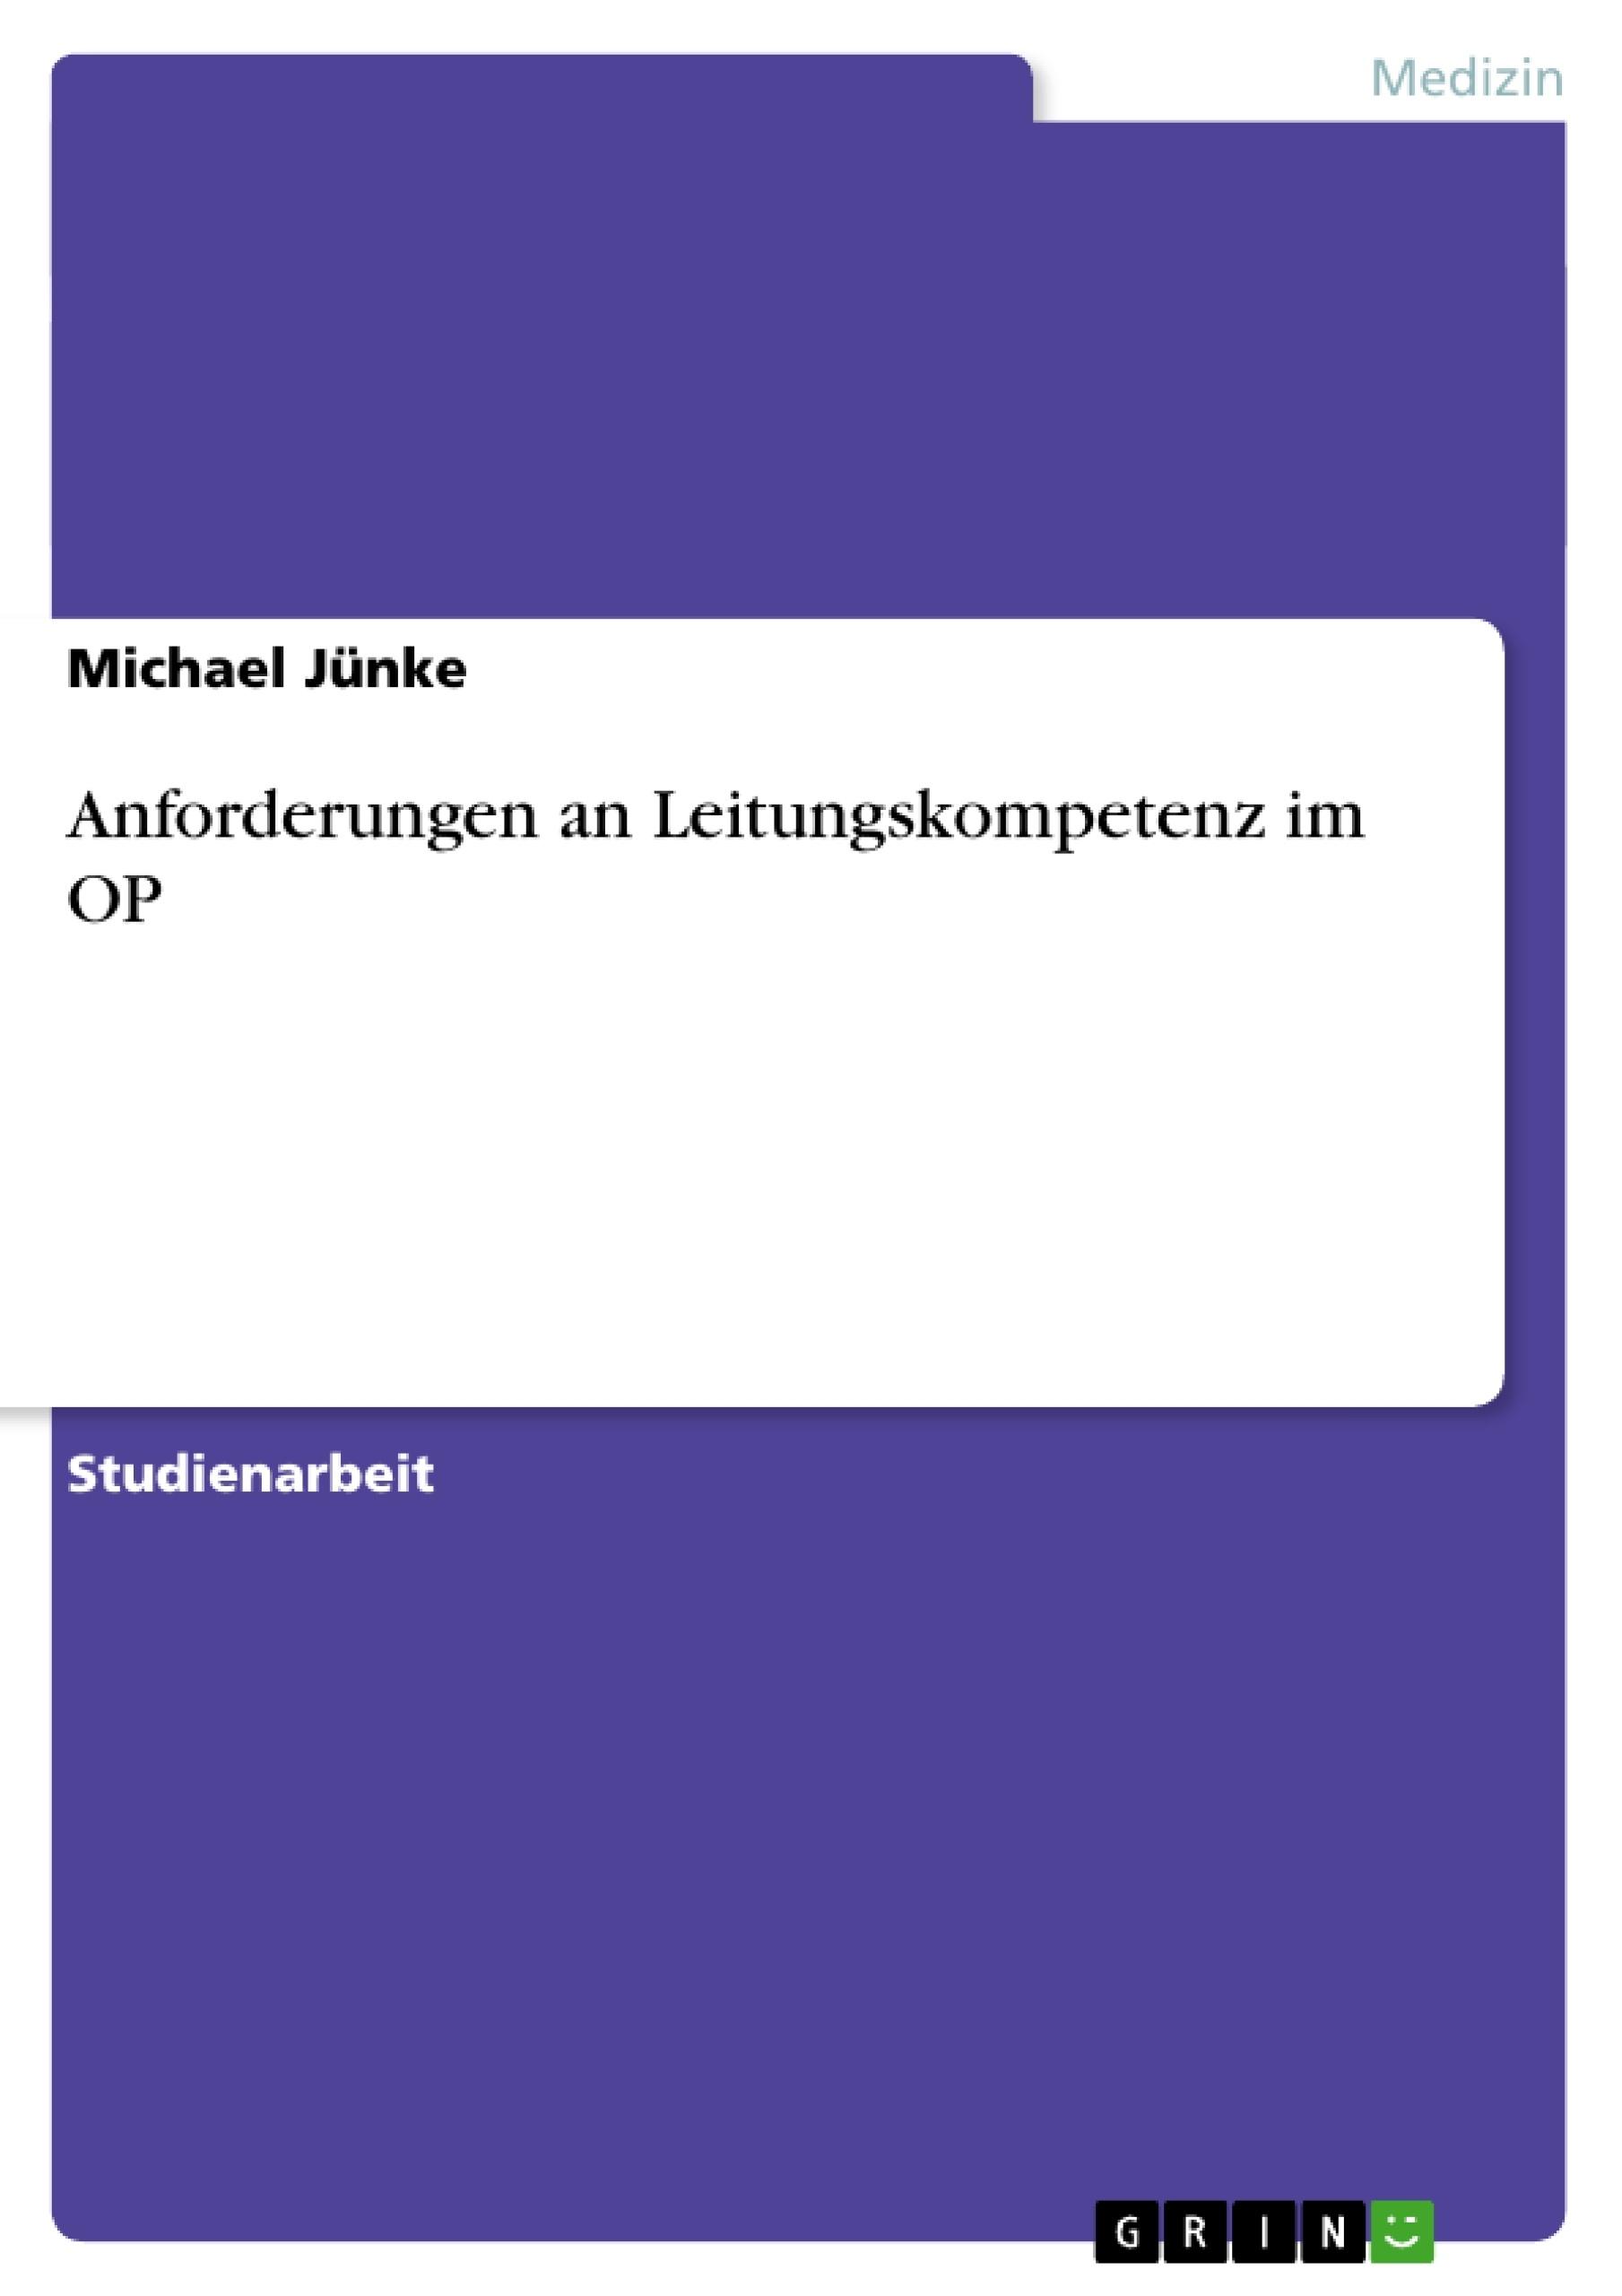 Titel: Anforderungen an Leitungskompetenz im OP